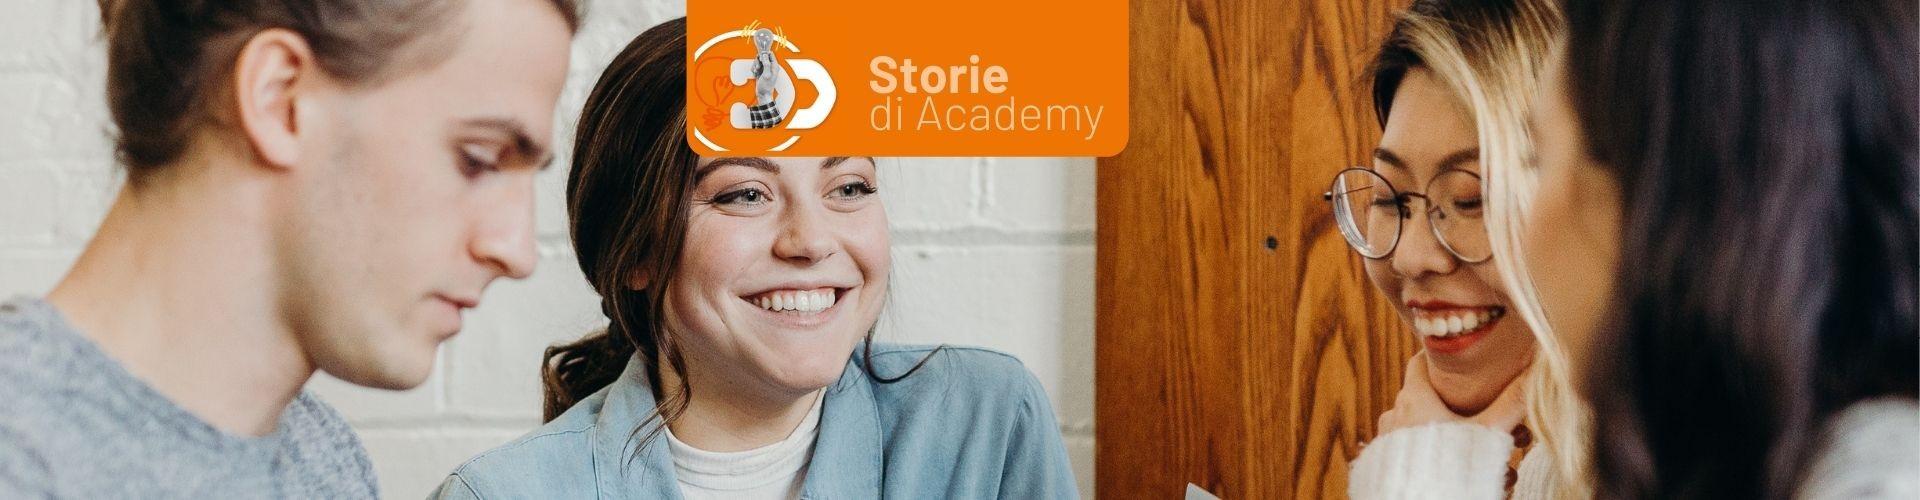 """Silvia Zanella<br> Il lavoro in cerca di un futuro: """"nei giovani voglio vedere occhi curiosi"""""""